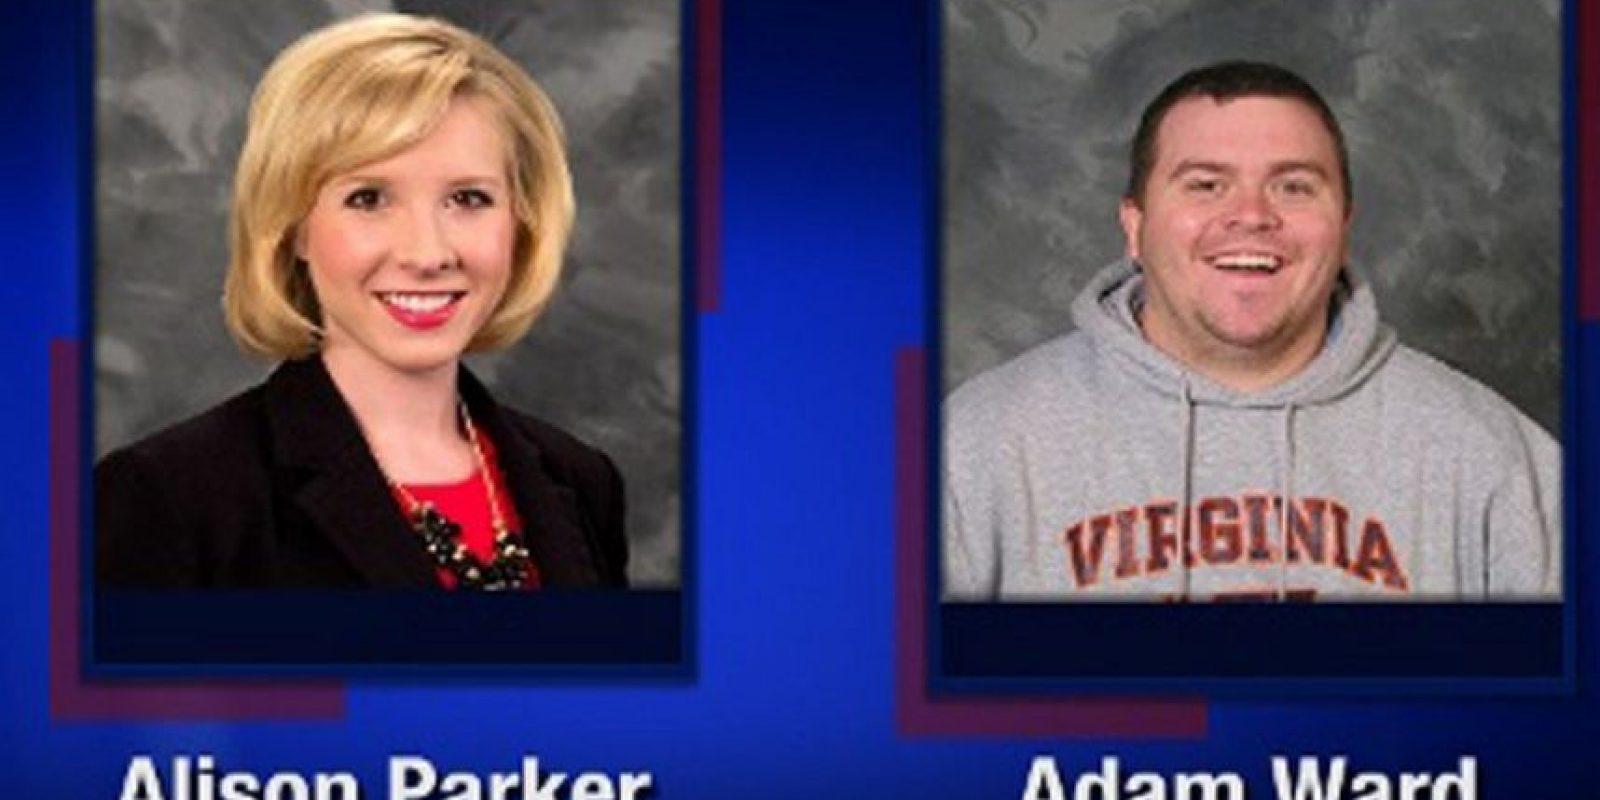 Ambos fueron ultimados en Virgina, Estados Unidos Foto:AFP